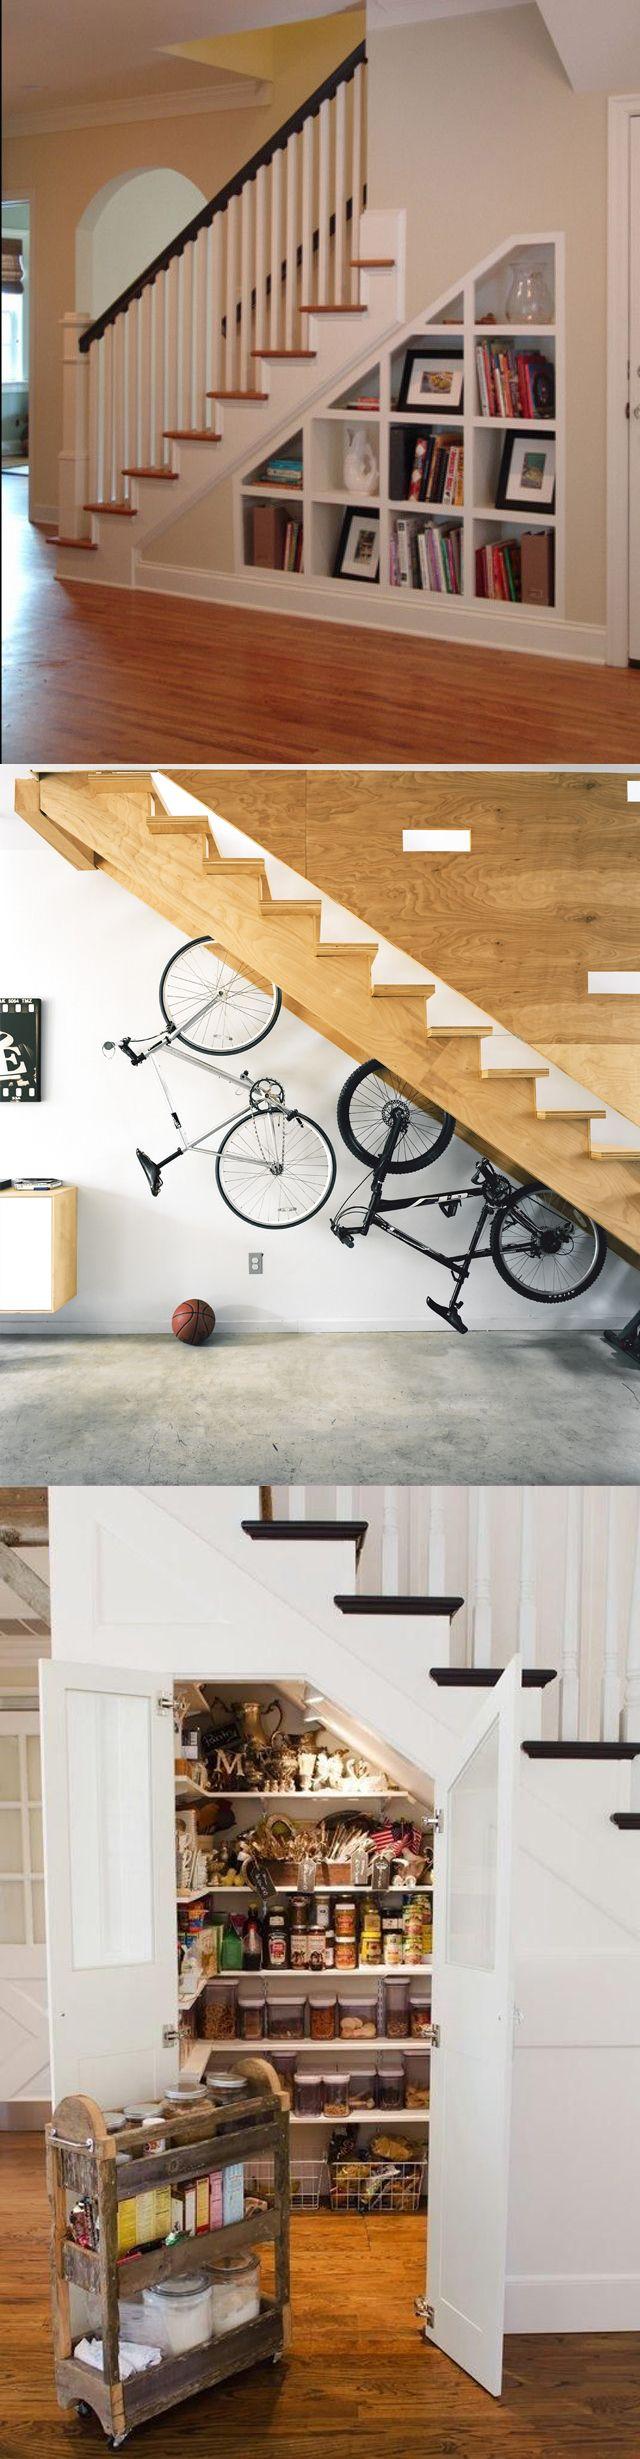 1000+ ideas about küche ebay on pinterest | kücheneinrichtung ebay